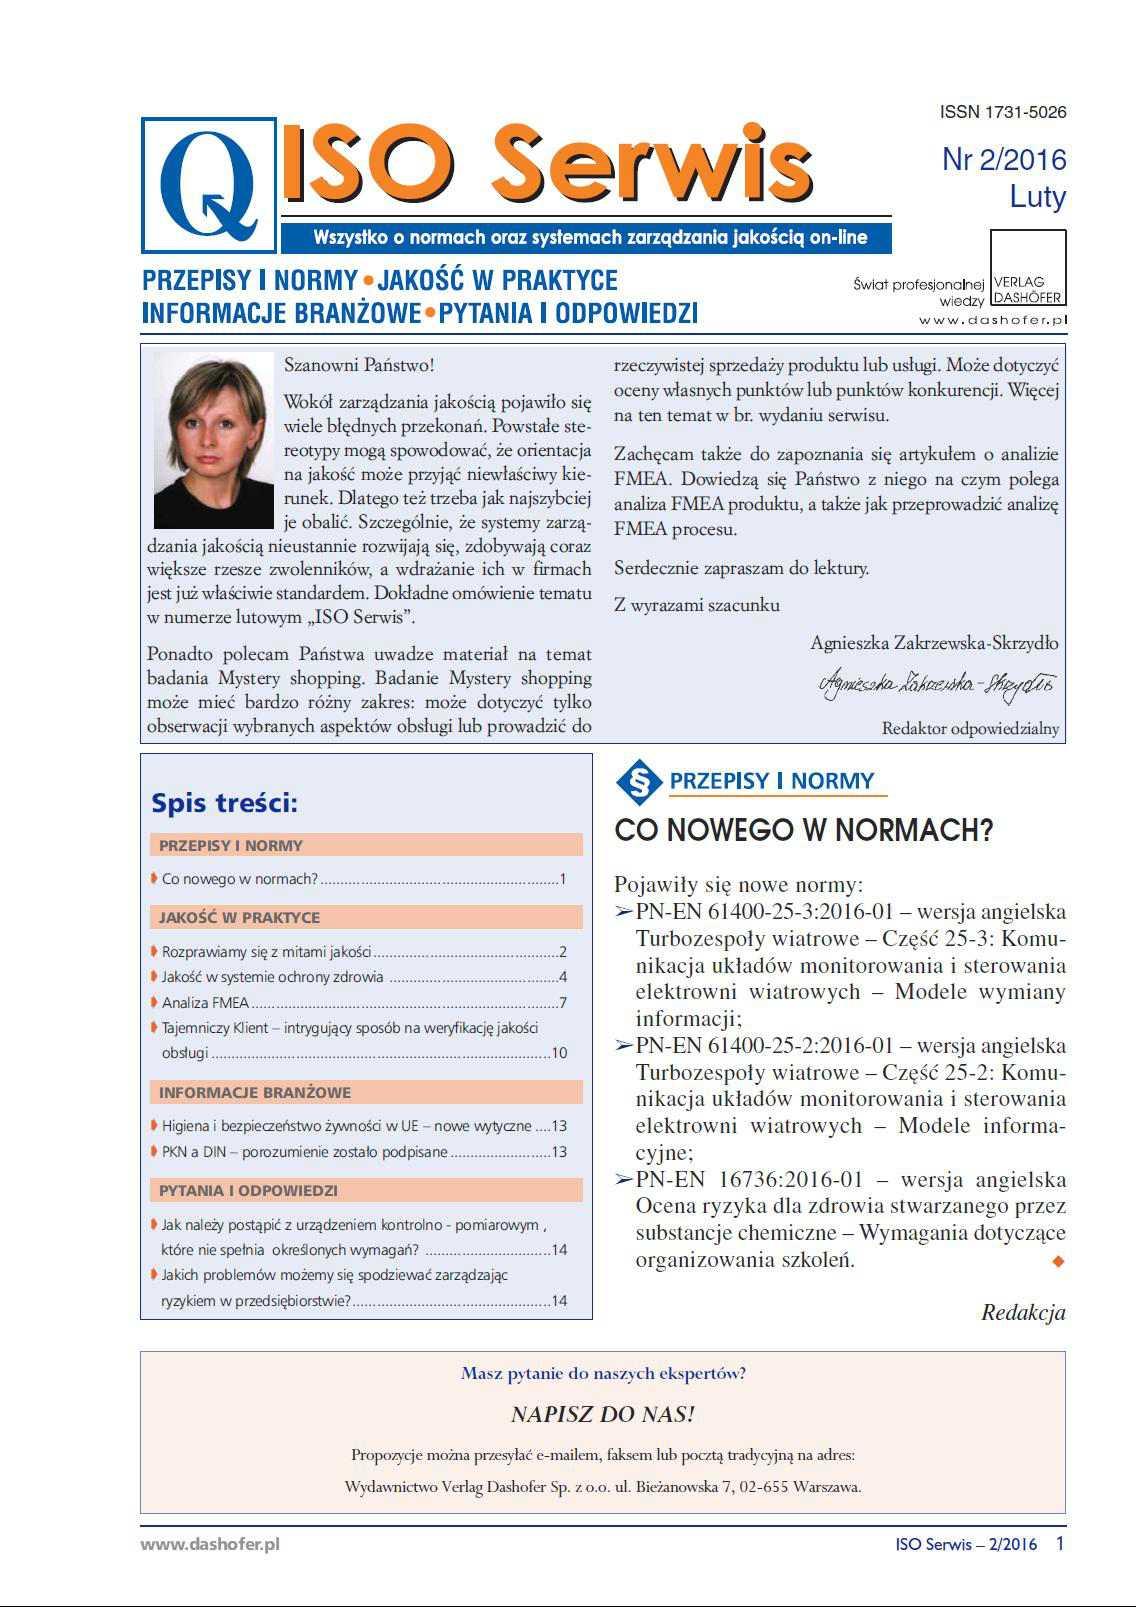 ISO Serwis. Wszystko o normach i systemach zarządzania jakością. Nr 2/2016 - Ebook (Książka PDF) do pobrania w formacie PDF